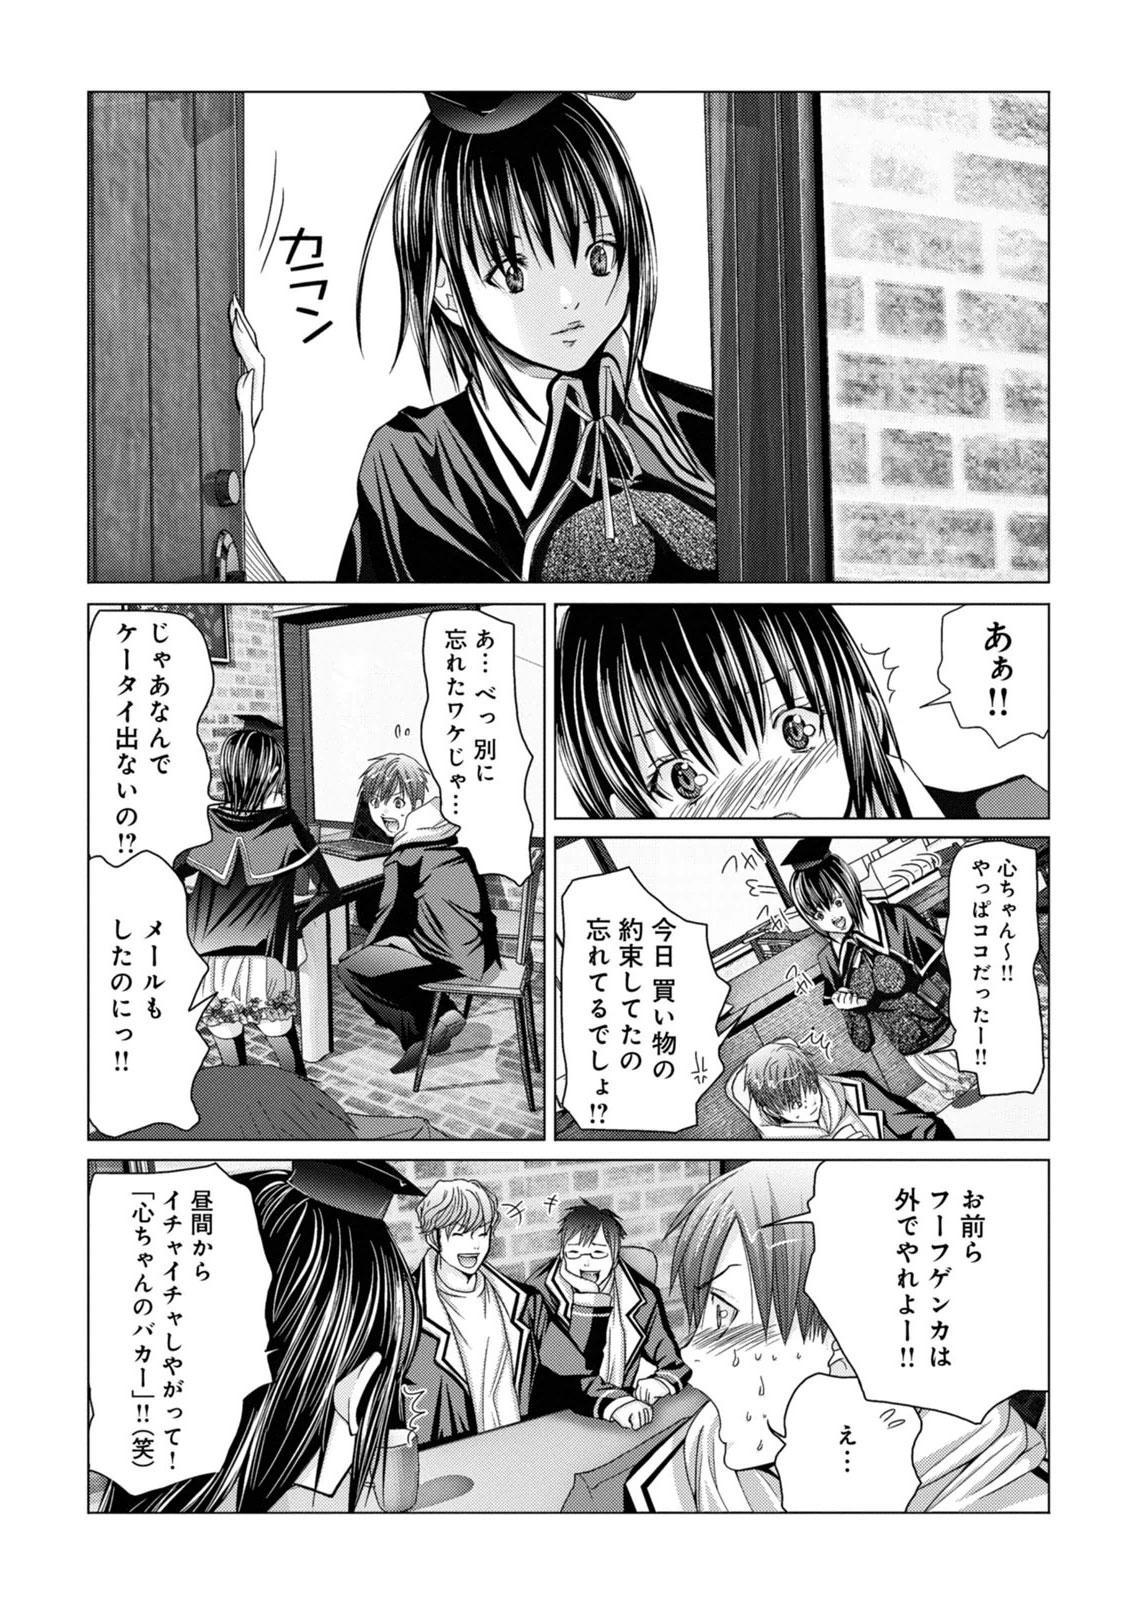 [Miyazaki Maya] Holy Knight ~Junketsu to Ai no Hazama de~ Vol. 1 55